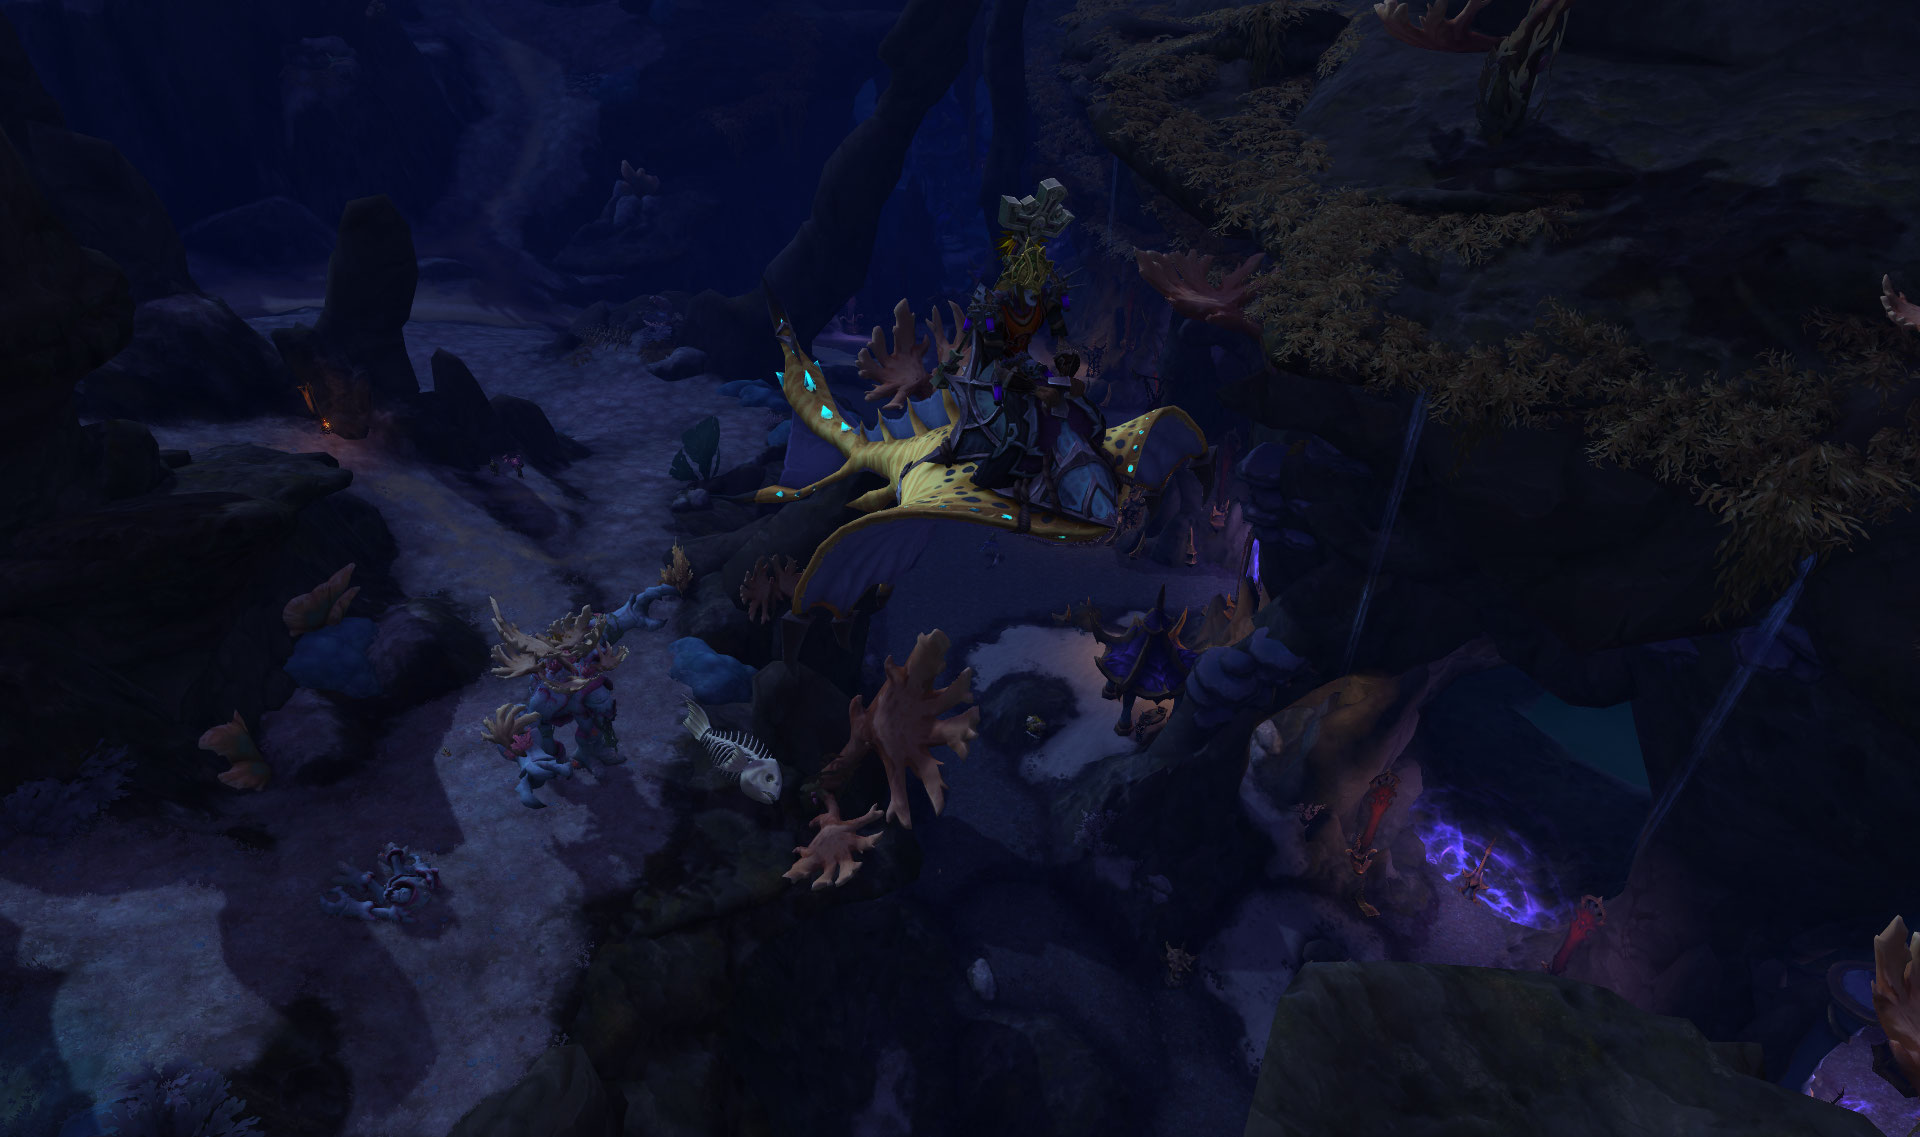 Screenshot de la zone de Nazjatar dans le patch 8.2 de World of Warcraft.